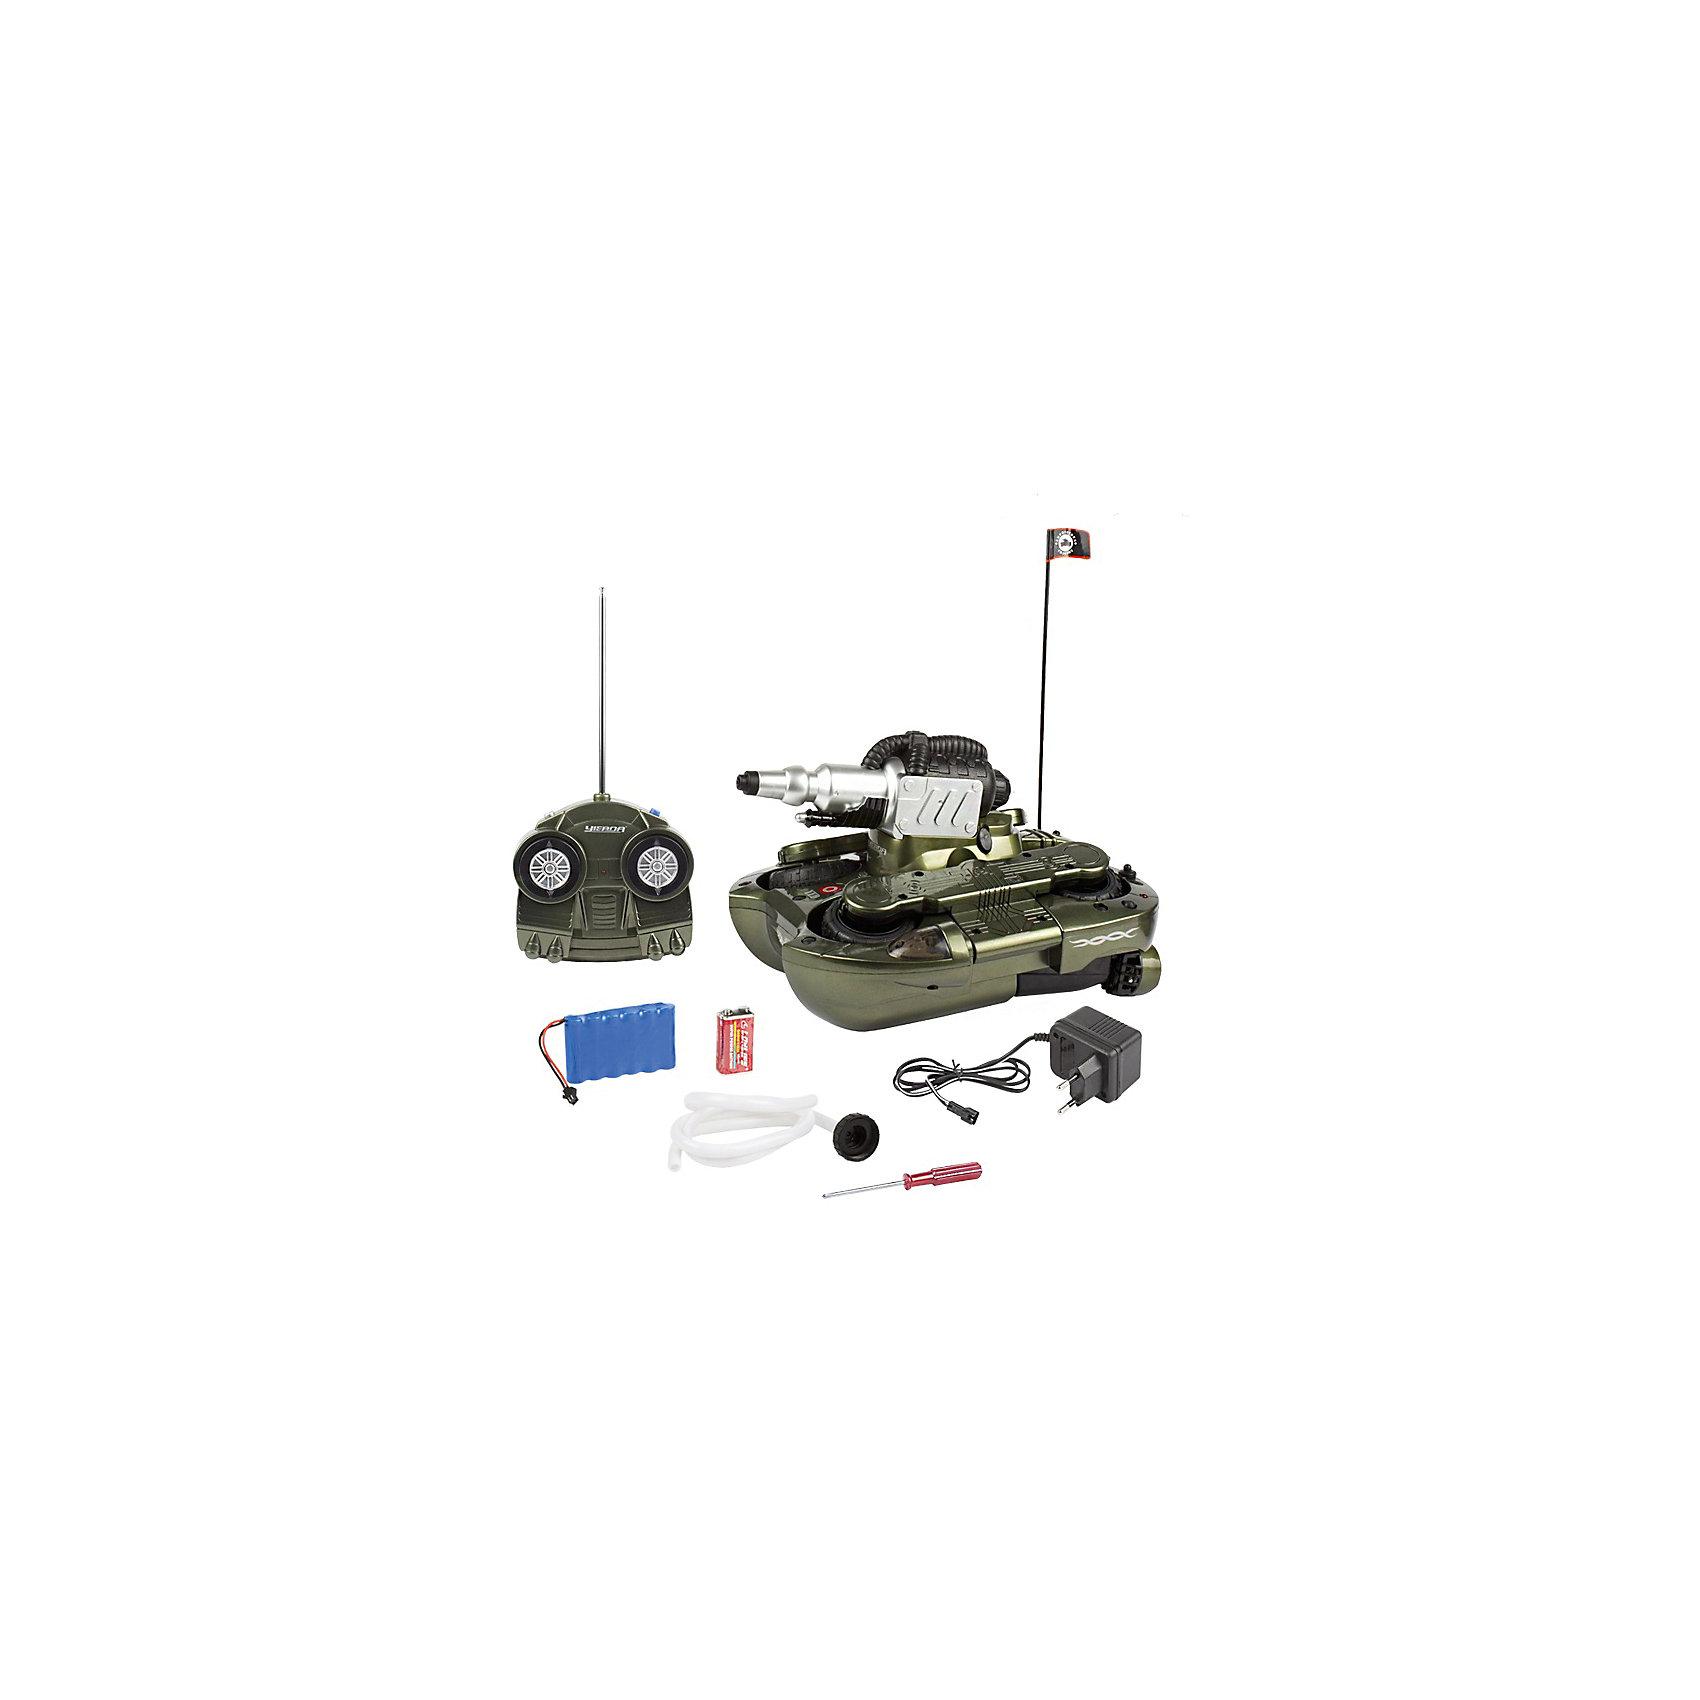 Танк-амфибия Гидра-24, со светом, на радиоуправлении, Mioshi ArmyВоенный транспорт<br>Каждый мальчишка мечтает получить в подарок мощный танк на радиоуправлении. Танк-амфибия от Mioshi Tech непременно понравится Вашему ребёнку и надолго станет его самой любимой игрушкой!<br>Этот многофункциональный танк с лёгкостью передвигается как по суше, так и по воде. Он развивает скорость до 10 км/ч, вращается на 360 градусов, а также стреляет водой! Световые эффекты добавляют игре ещё большей зрелищности.<br><br>Дополнительная информация:<br><br><br>Частота: 27,145 МГц<br>Размер: 24 см<br>Двигается во всех направлениях, по суше и воде<br>Полный привод<br>В комплект входят: пульт управления, антенна, зарядное устройство, отвёртка, шланг для забора воды и все необходимые батарейки (Крона).<br><br>Танк-амфибию Гидра-24, со светом, на радиоуправлении, Mioshi Army  можно купить в нашем магазине.<br><br>Ширина мм: 360<br>Глубина мм: 250<br>Высота мм: 180<br>Вес г: 3100<br>Возраст от месяцев: 96<br>Возраст до месяцев: 1188<br>Пол: Мужской<br>Возраст: Детский<br>SKU: 4590211